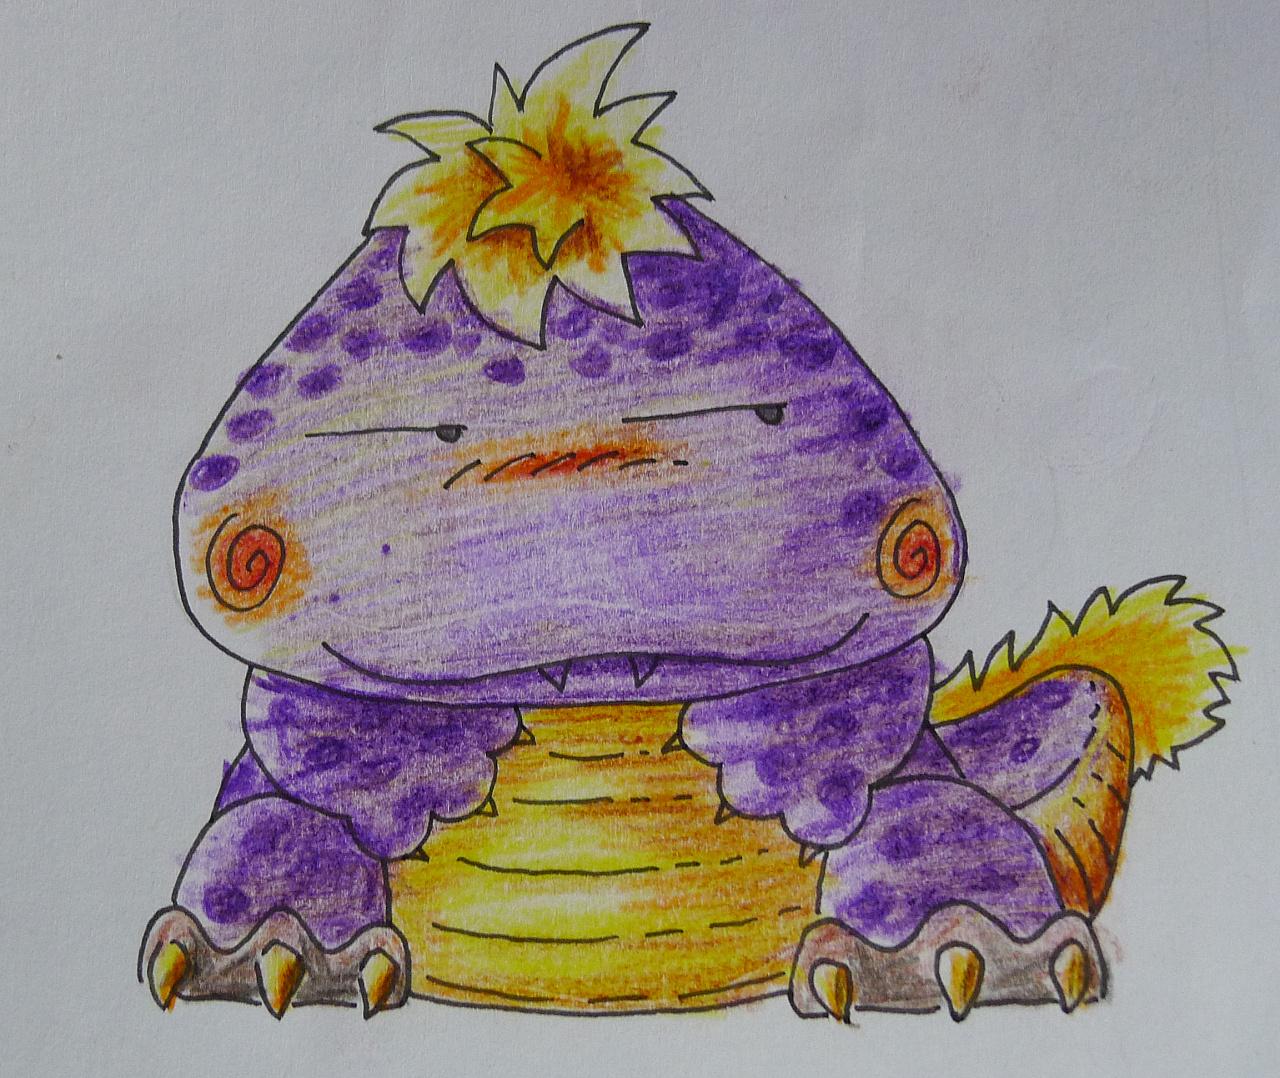 是恐龙吧,喂,是恐龙吧……胖成这样……紫色和黄色彩铅配色练习.